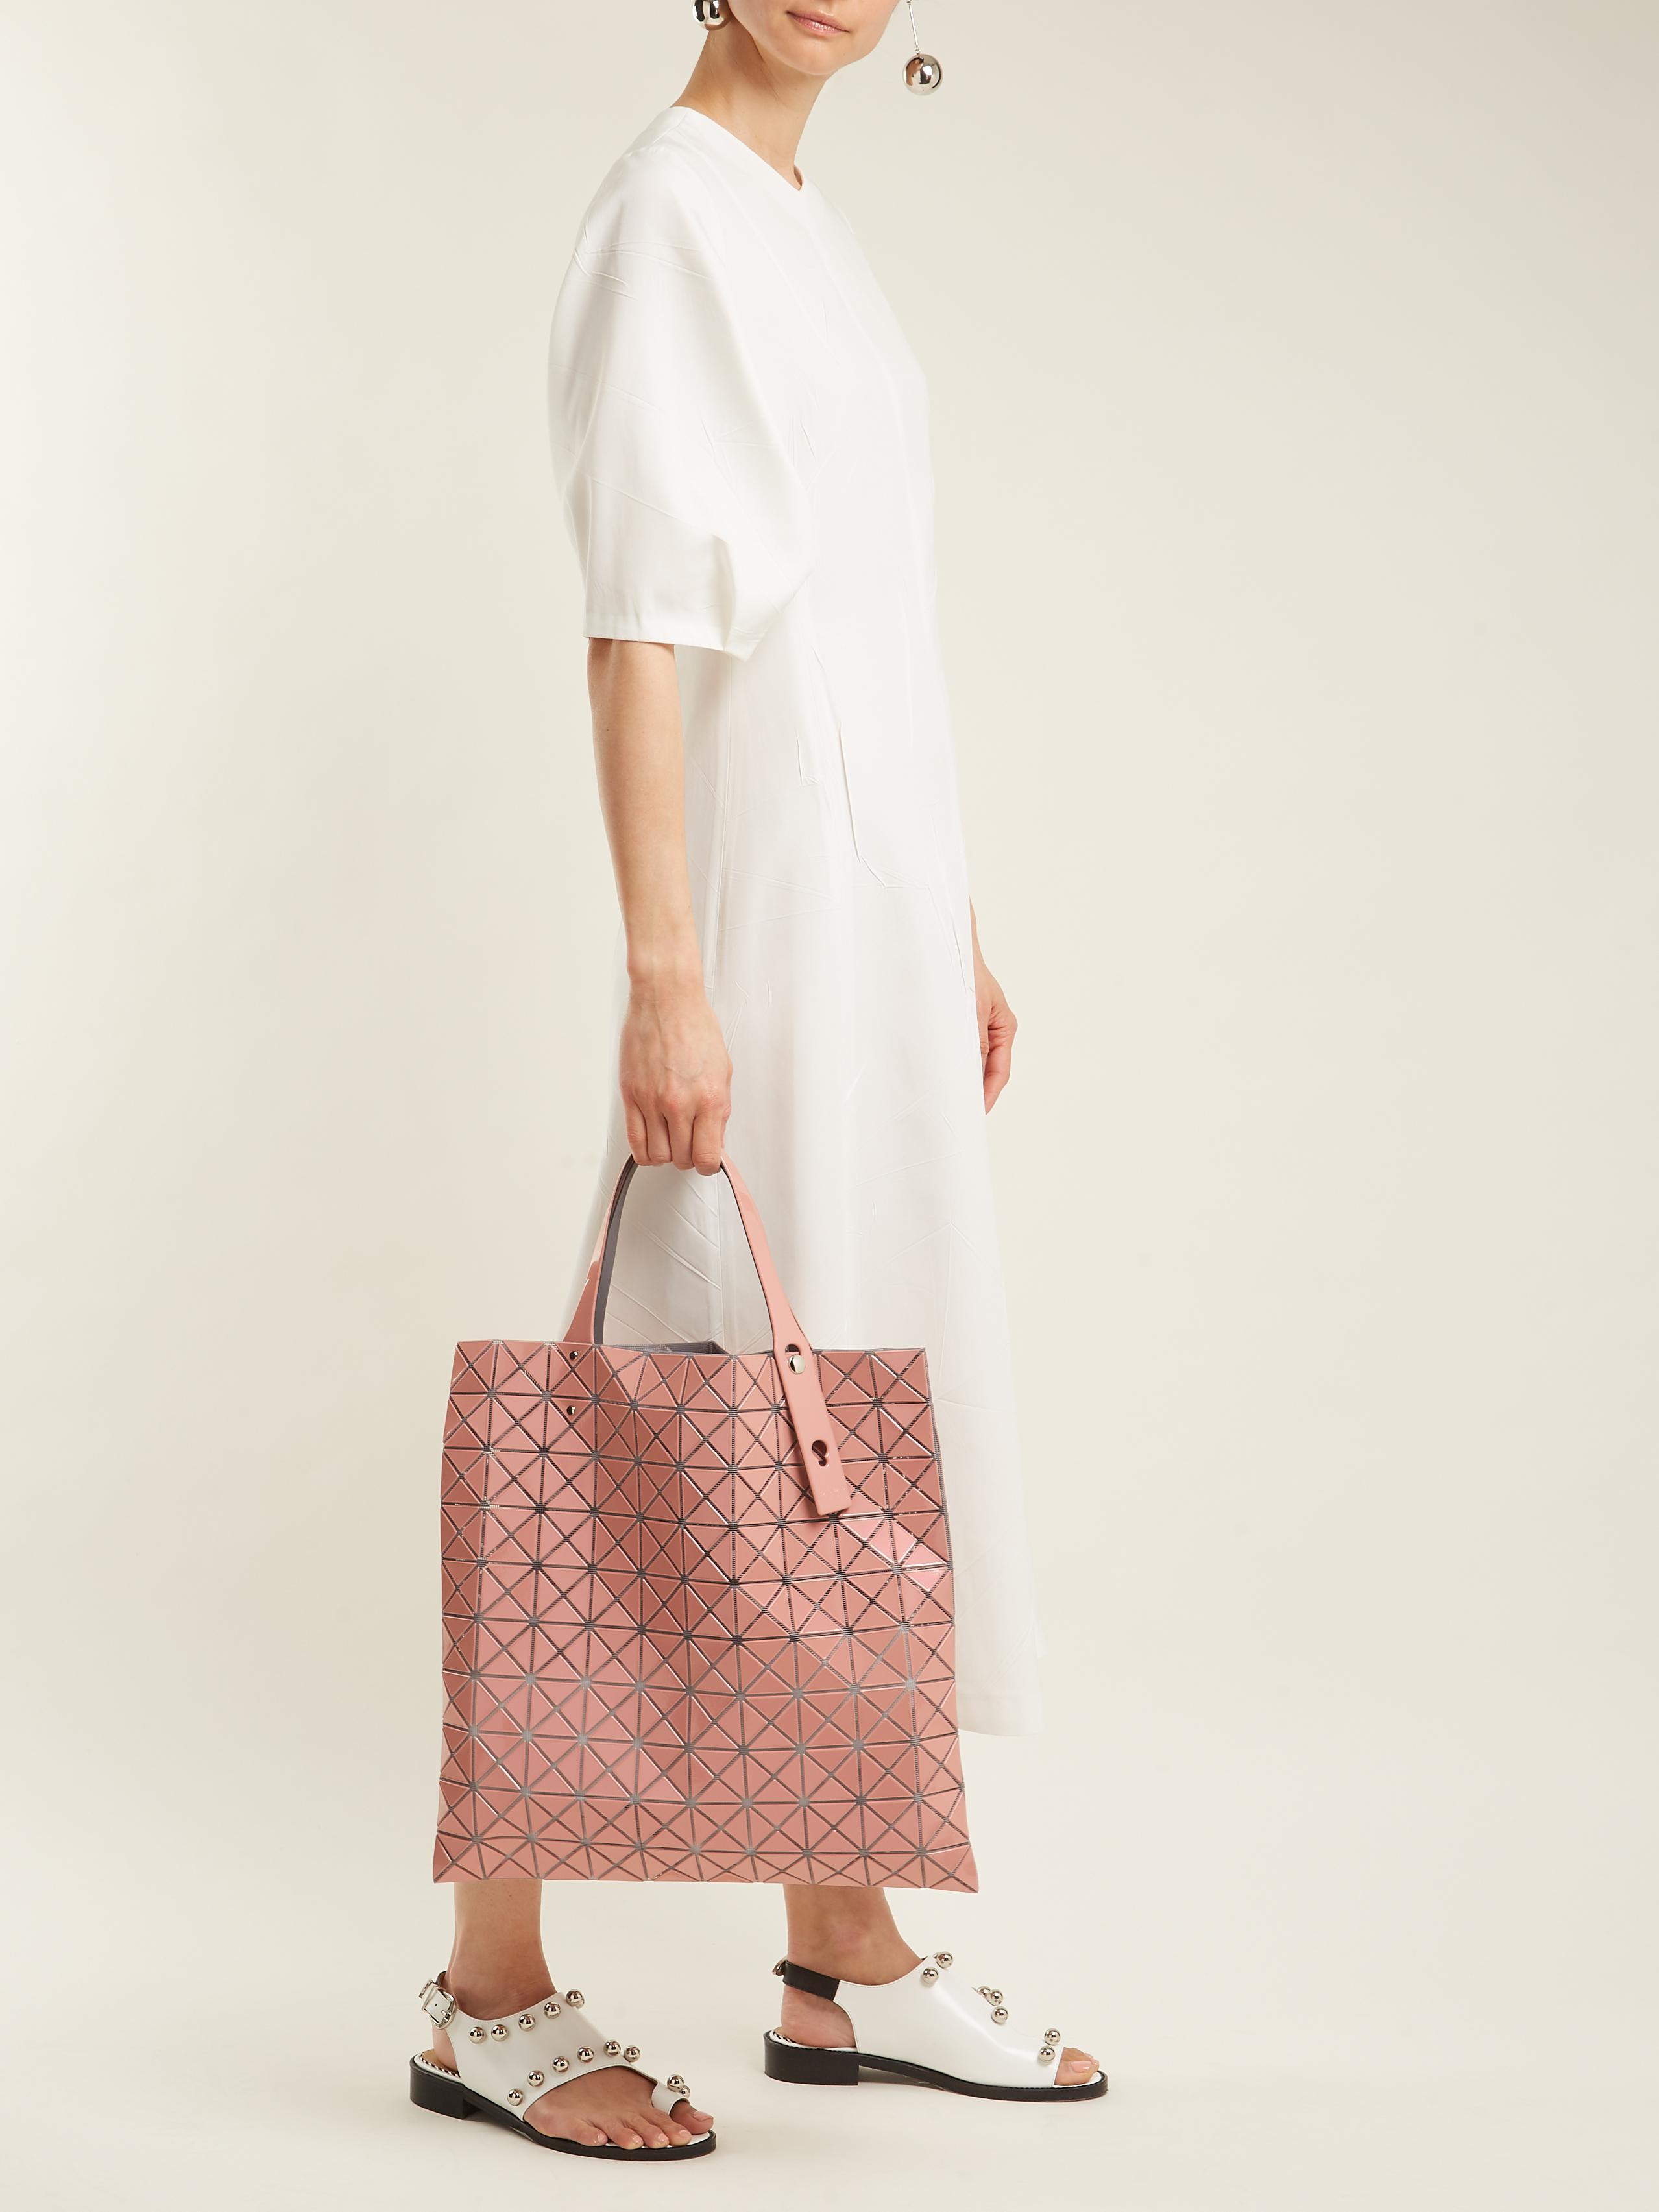 Bao Bao Issey Miyake Prism Tote Bag in Light Pink (Pink)